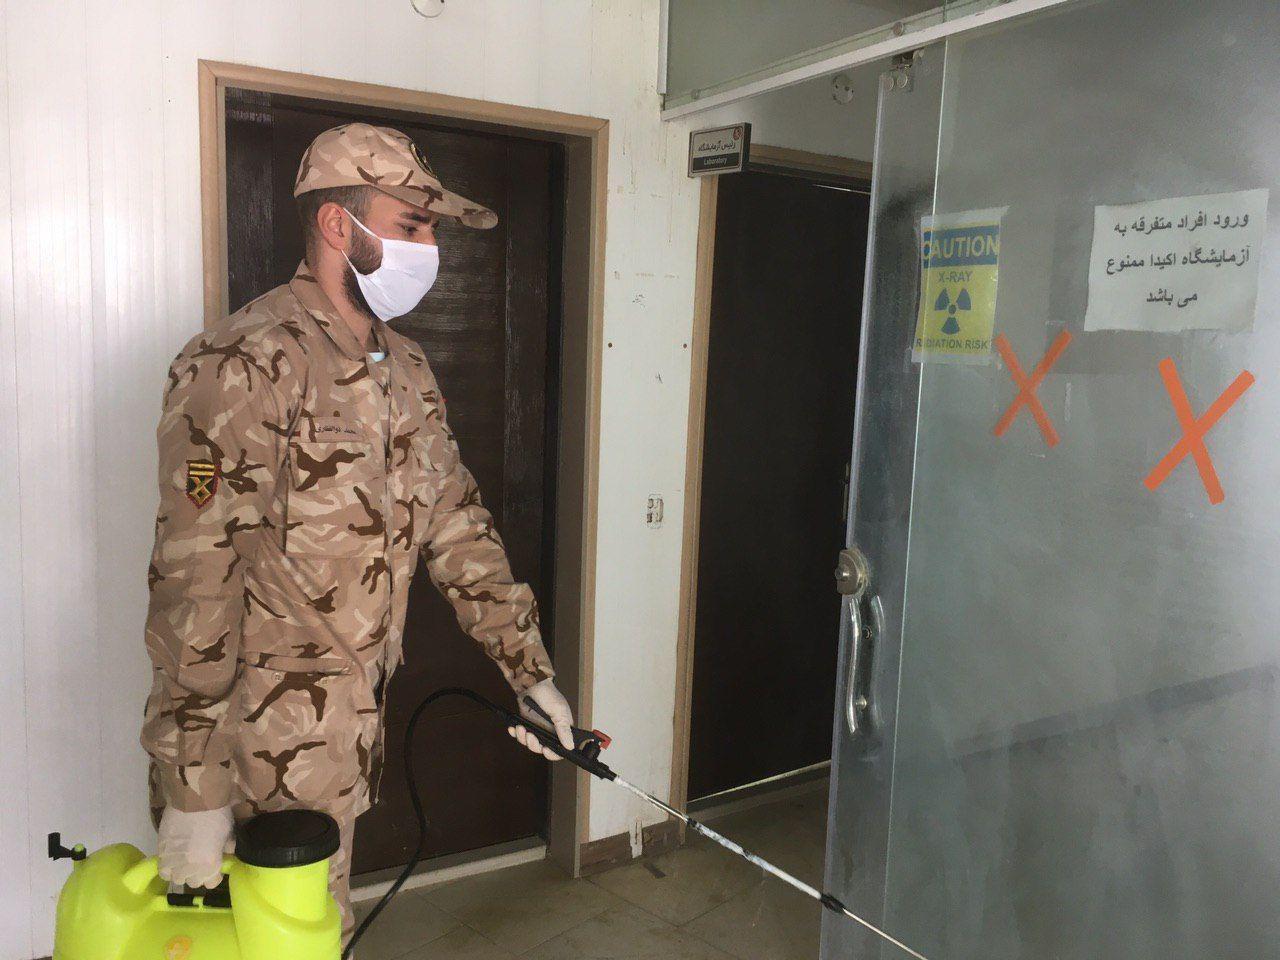 بازدید فرمانده سپاه چهاردانگه از کارخانه سیمان کیاسر